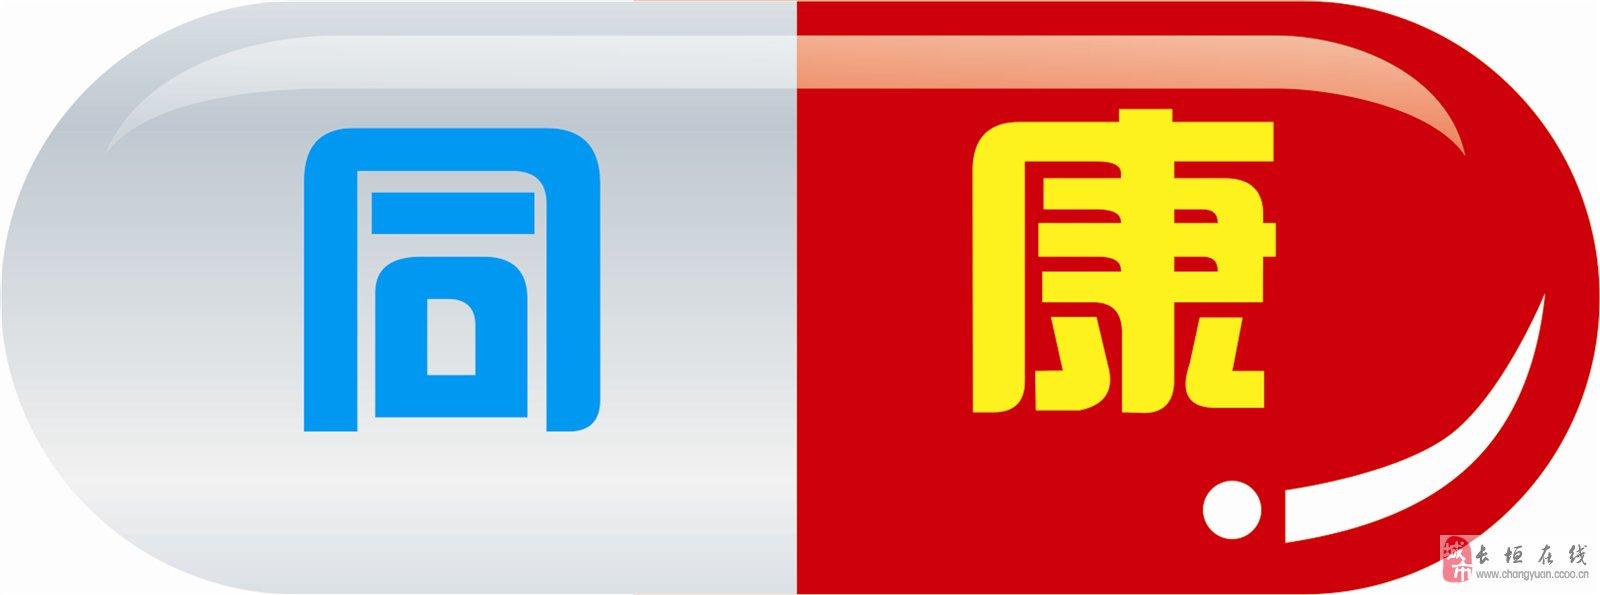 logo 标识 标志 设计 矢量 矢量图 素材 图标 1600_595